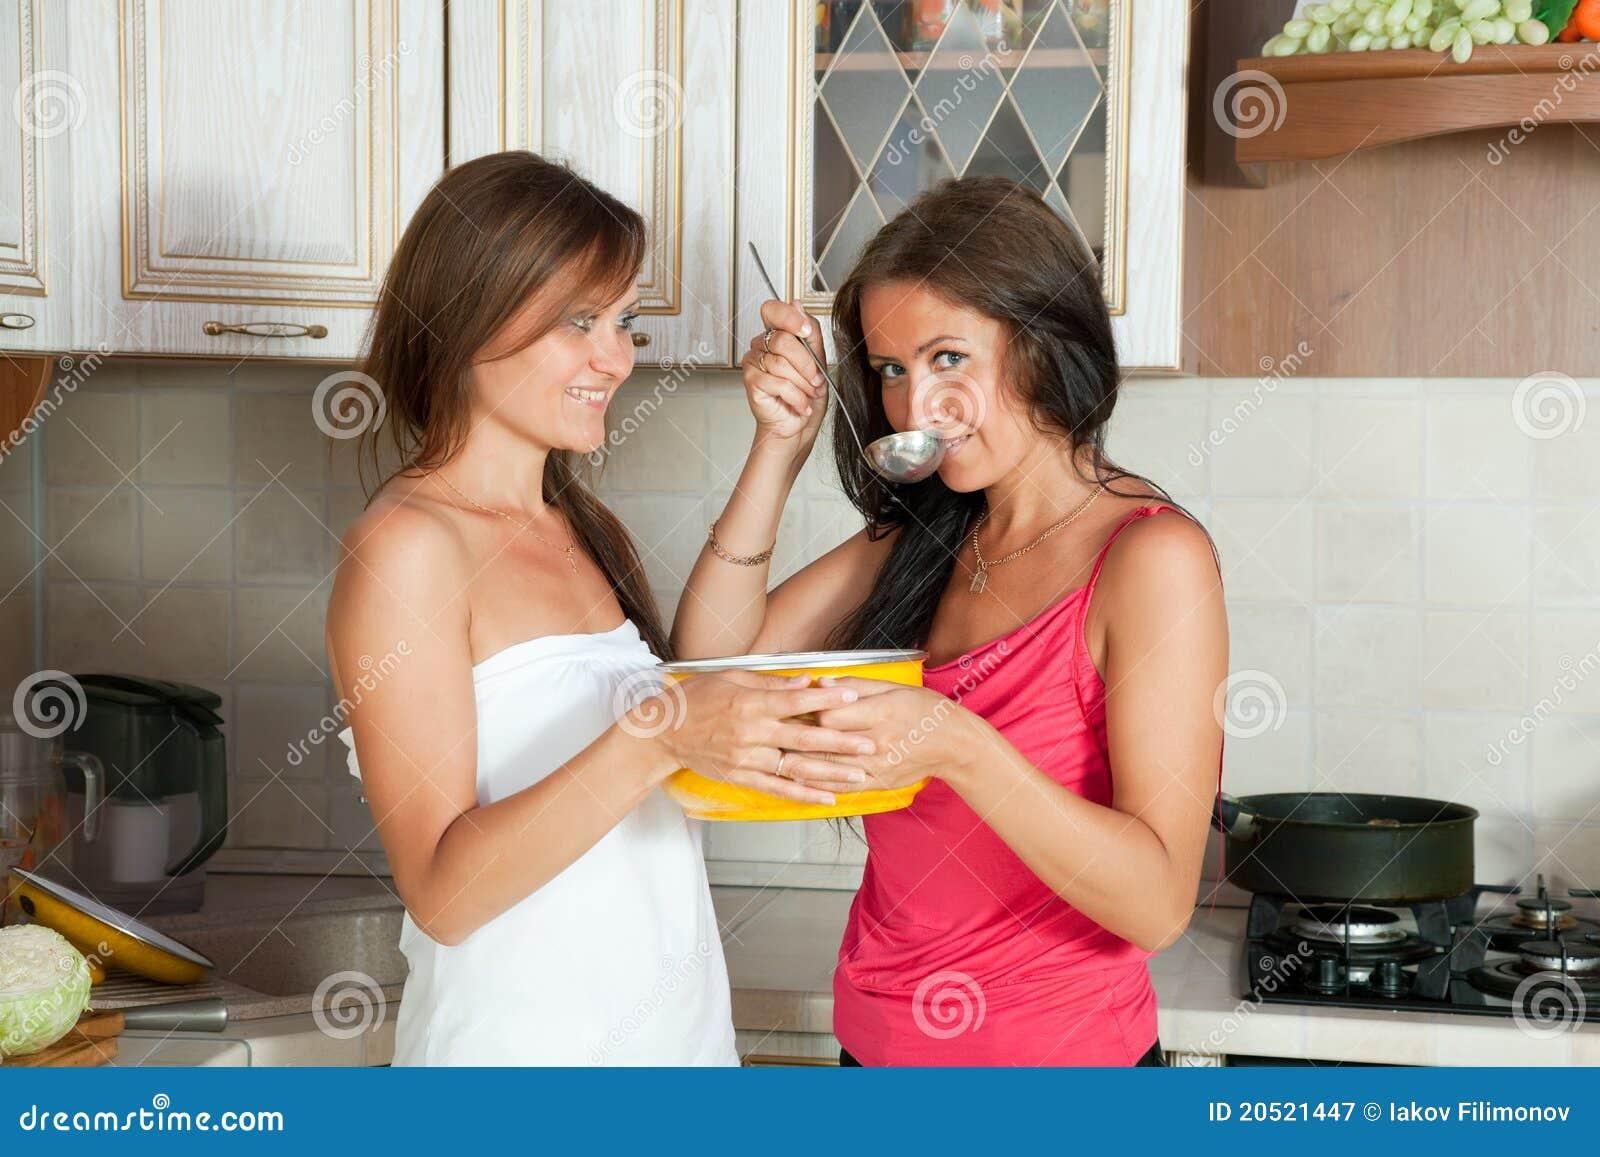 Фото две подружки в сперме, Фото сочных дырок подруги в сперме - Частные фото 27 фотография